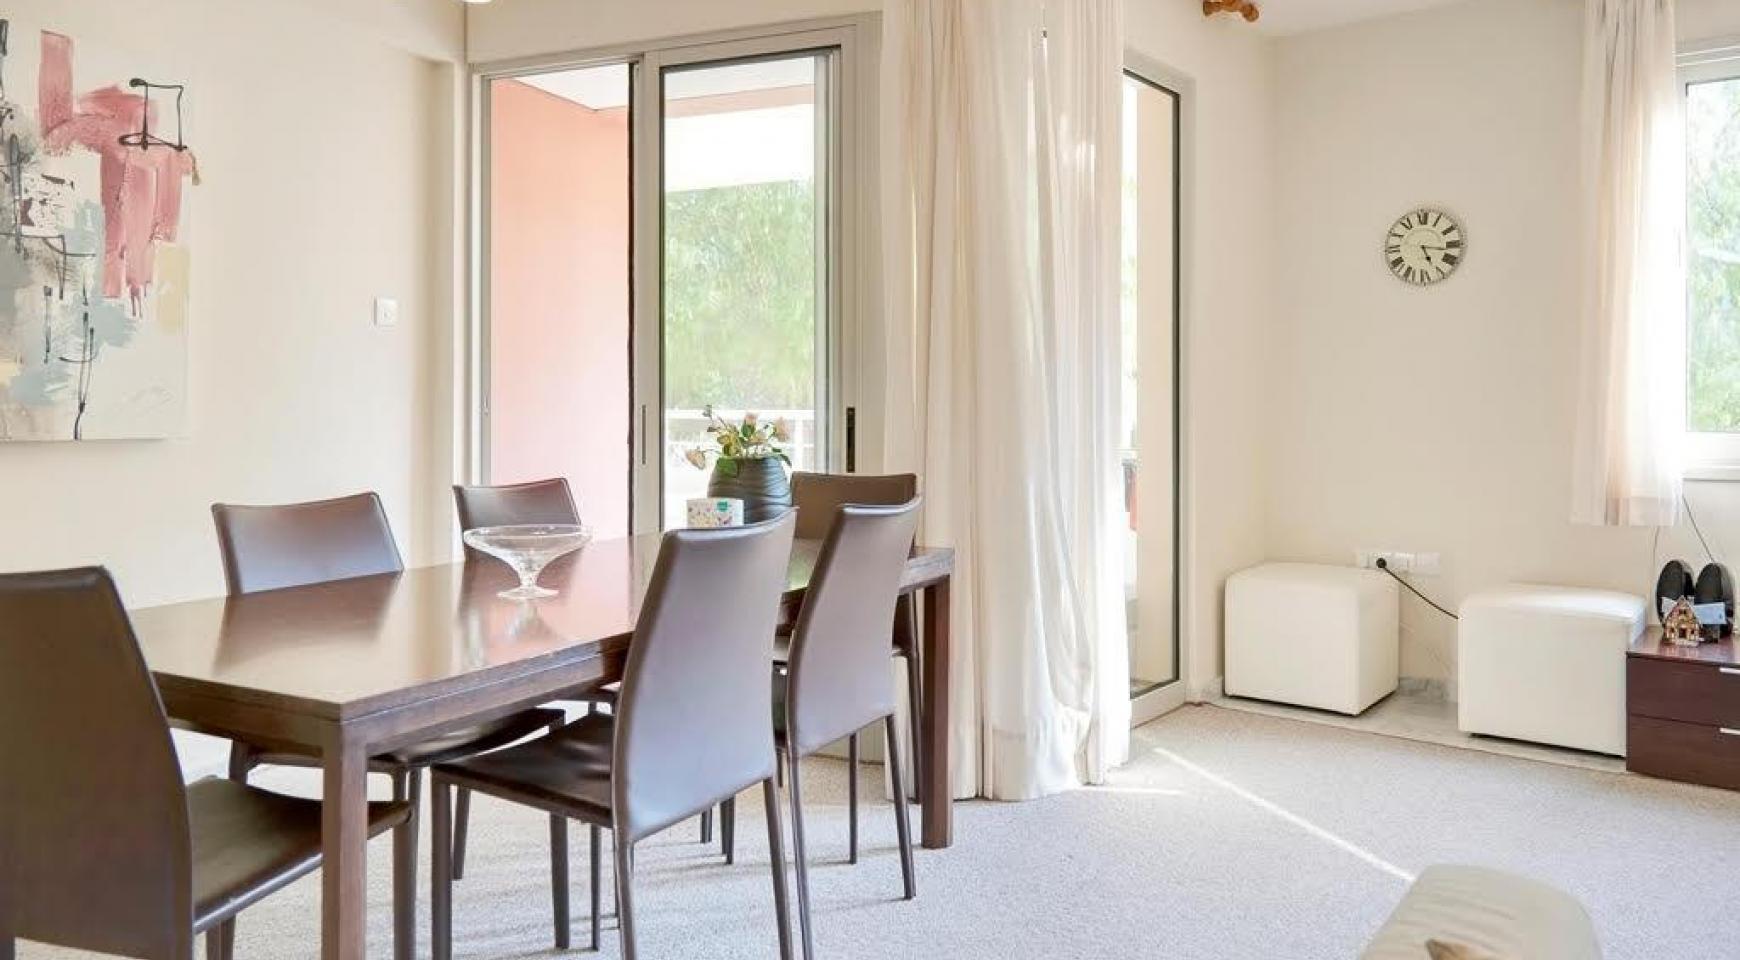 Luxury 2 Bedroom Apartment Amathusa F 104 near the Beach - 4